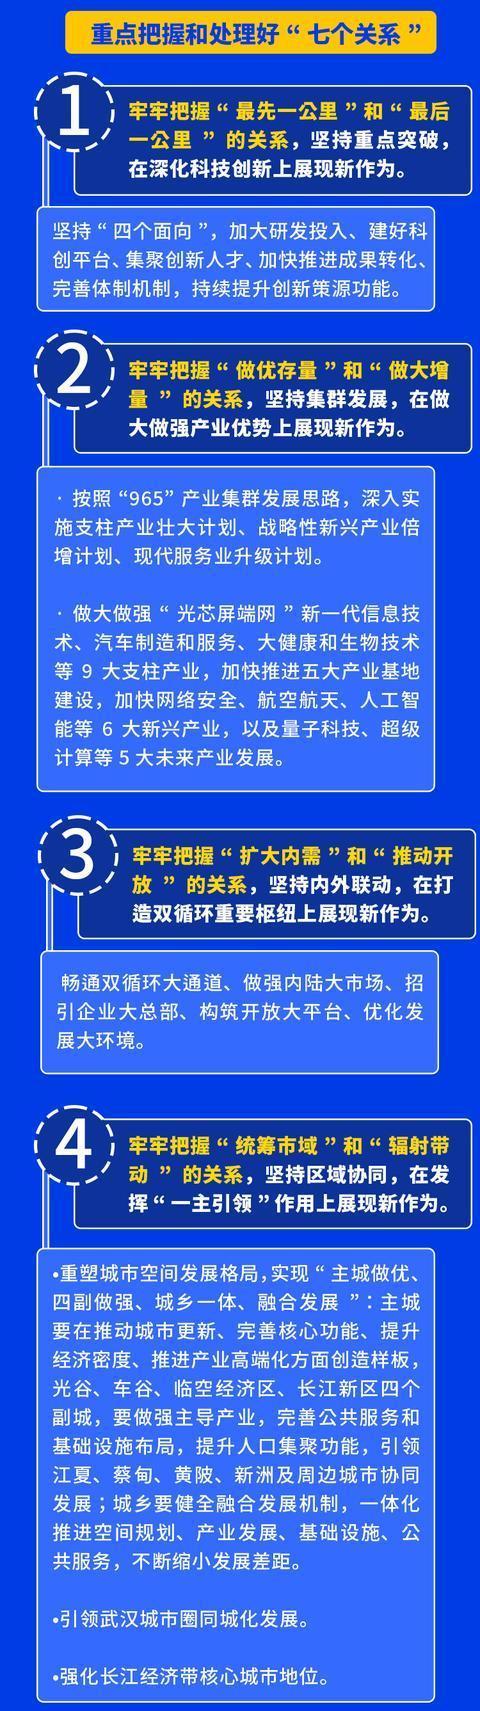 看图 武汉市委经济工作会议重点。 第2张